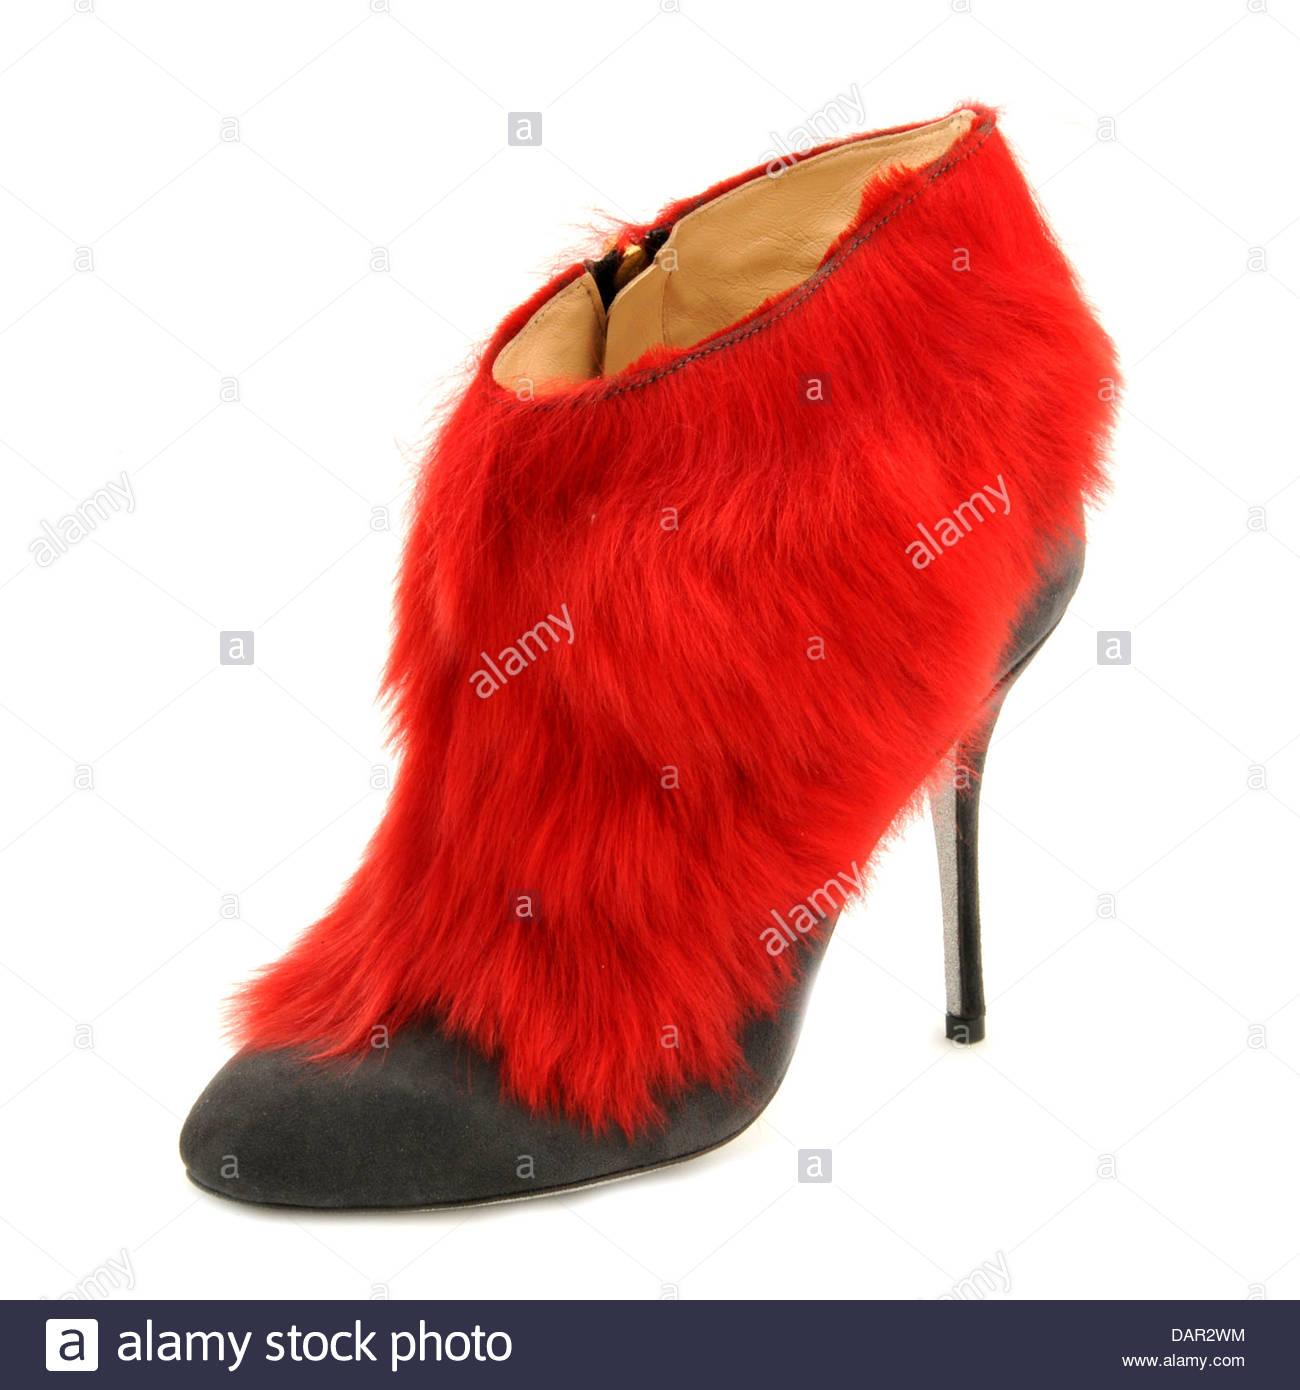 shoes of Alberto Moretti - Stock Image